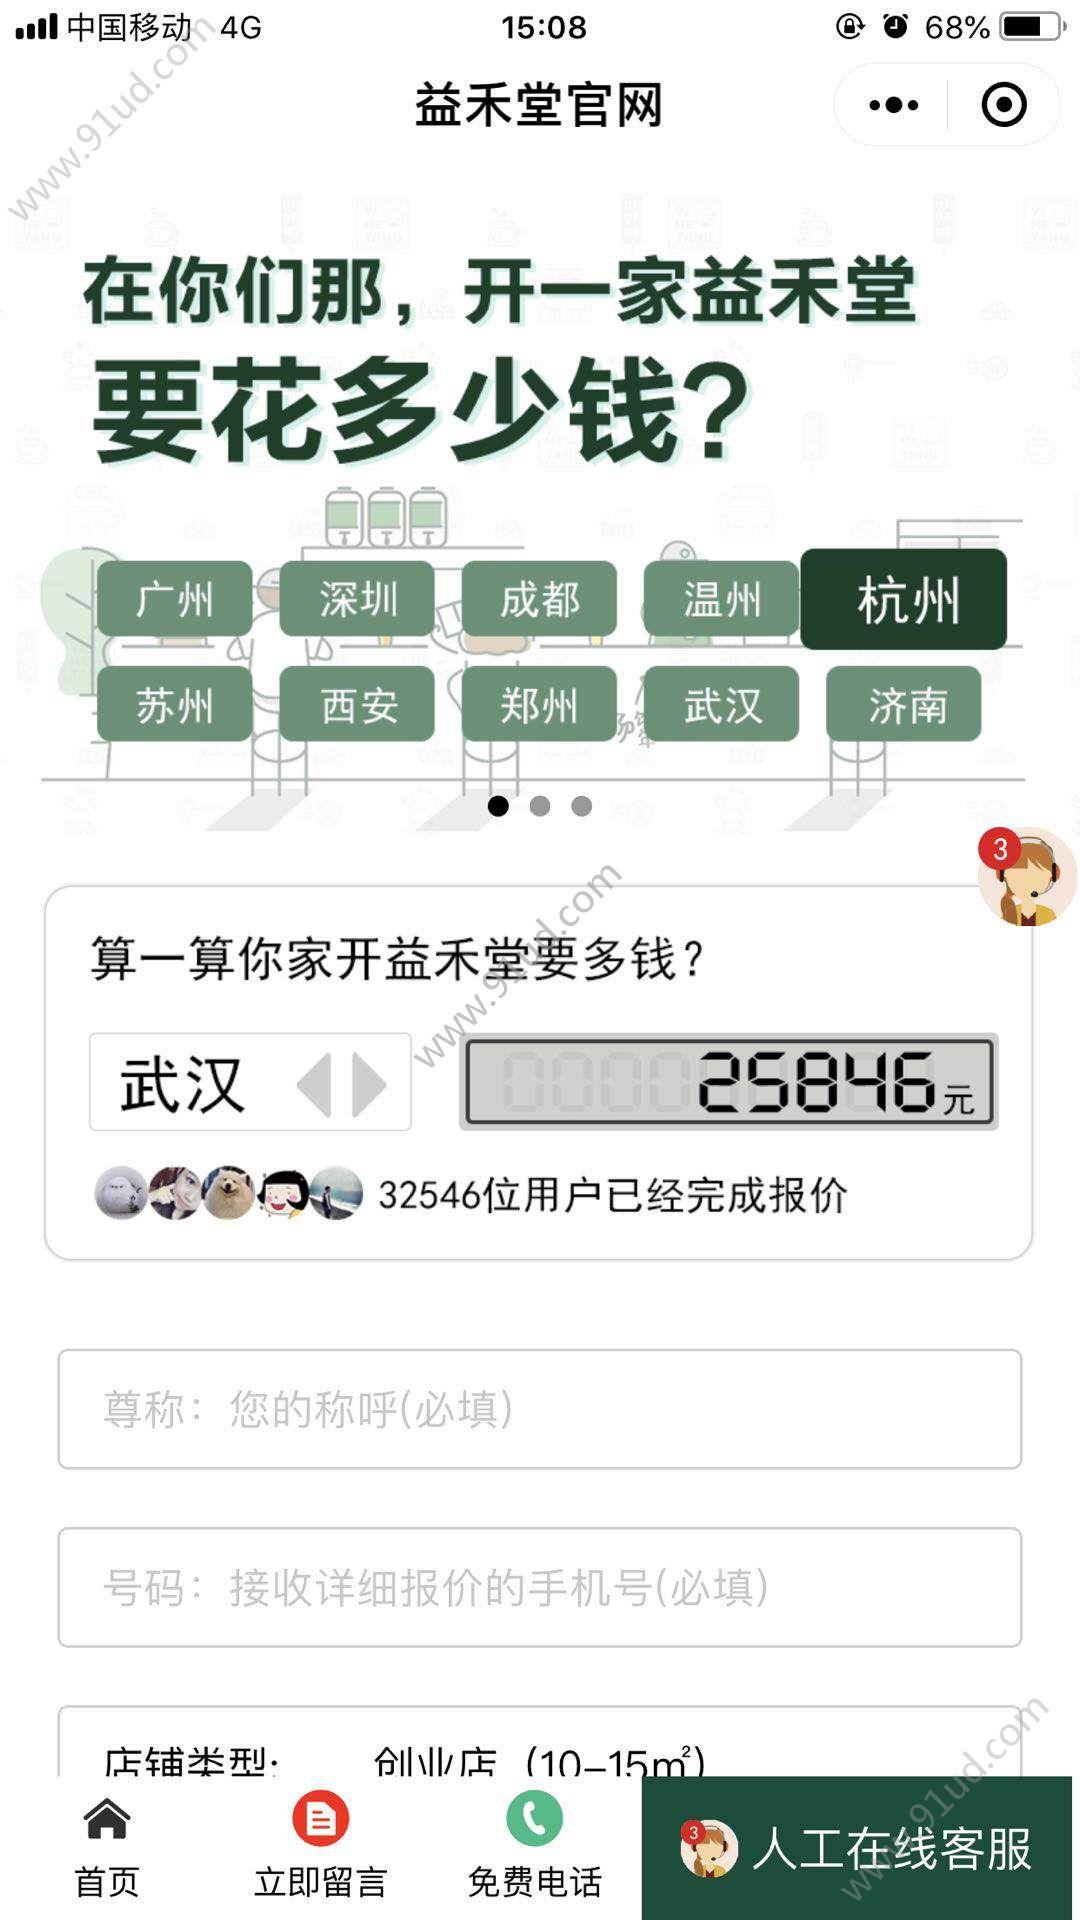 益禾堂官网小程序截图